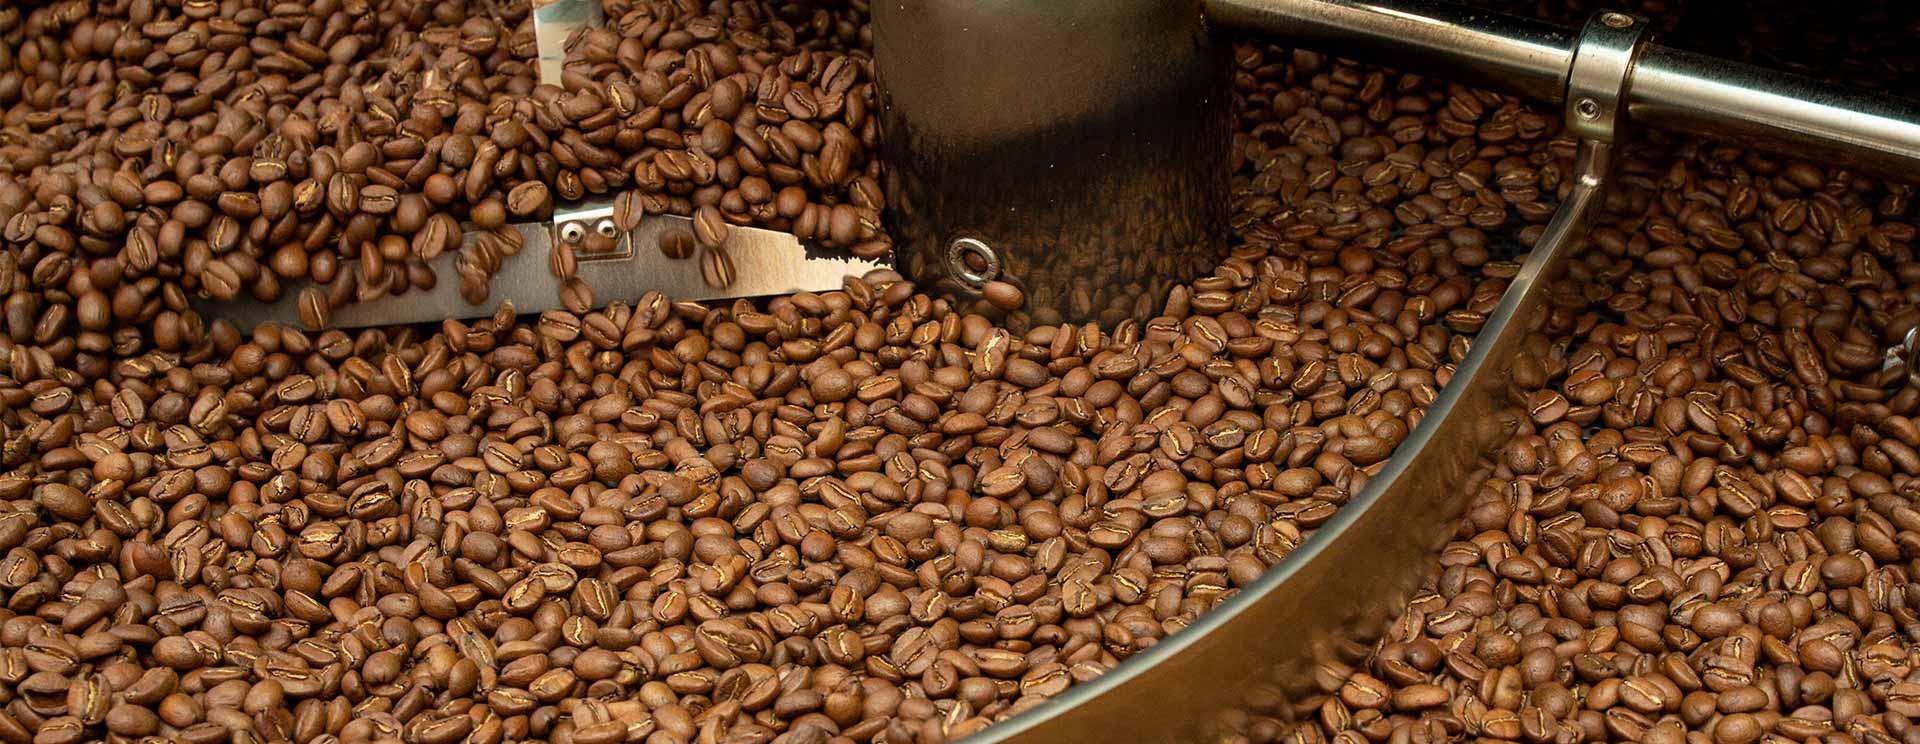 Frisch gerösteter Kaffee bei CafCaf